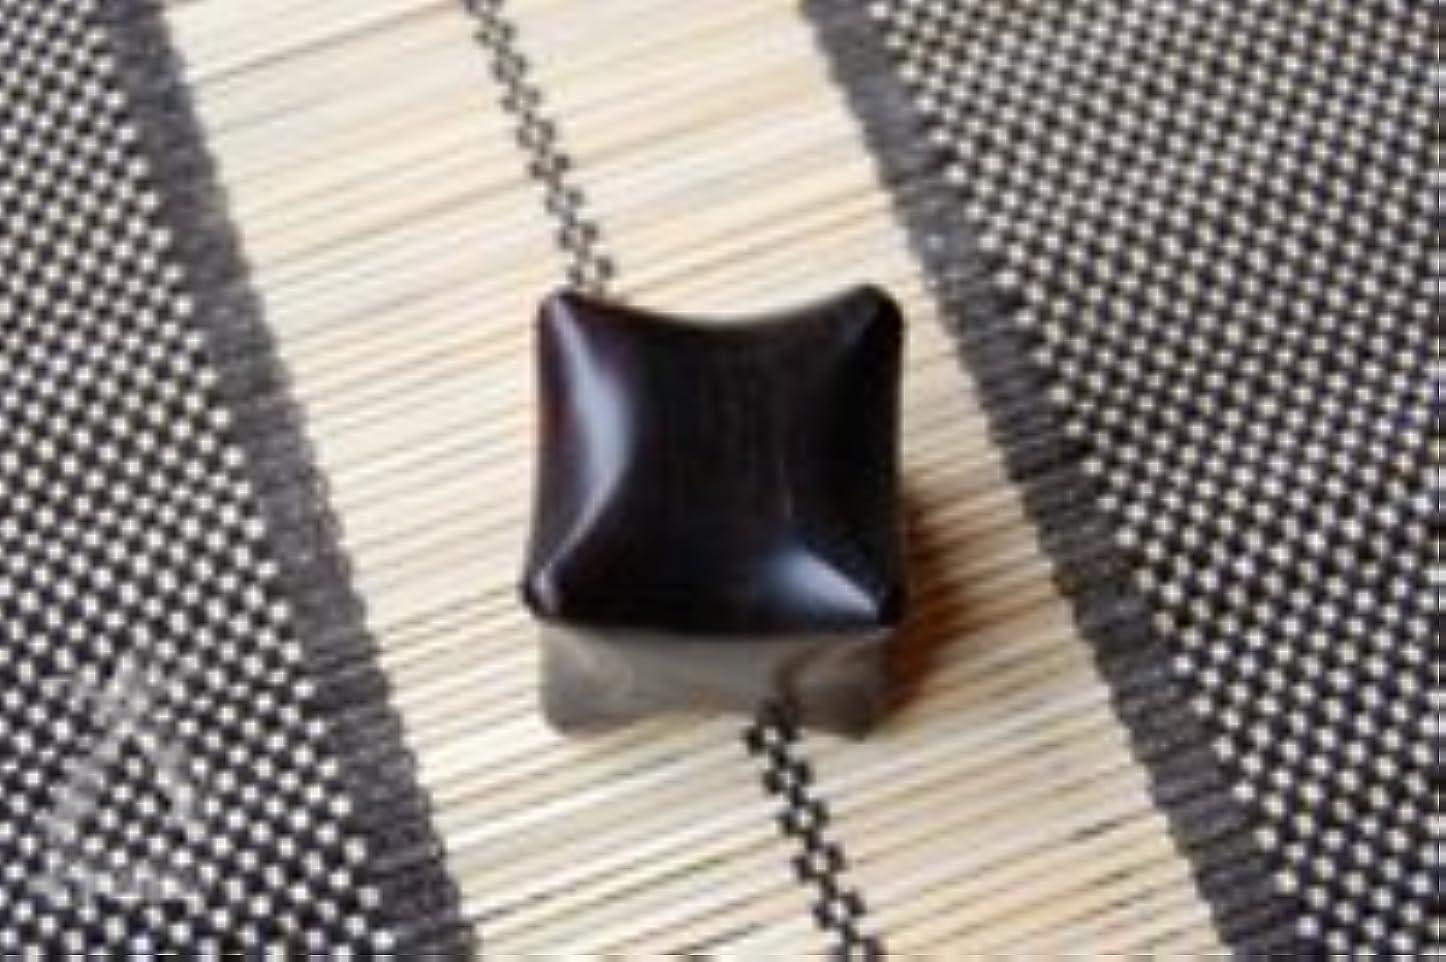 ジュニア暗い扇動するタイ王国のミラクルな手のひらゴロゴロマッサージャー(ローズウッド)